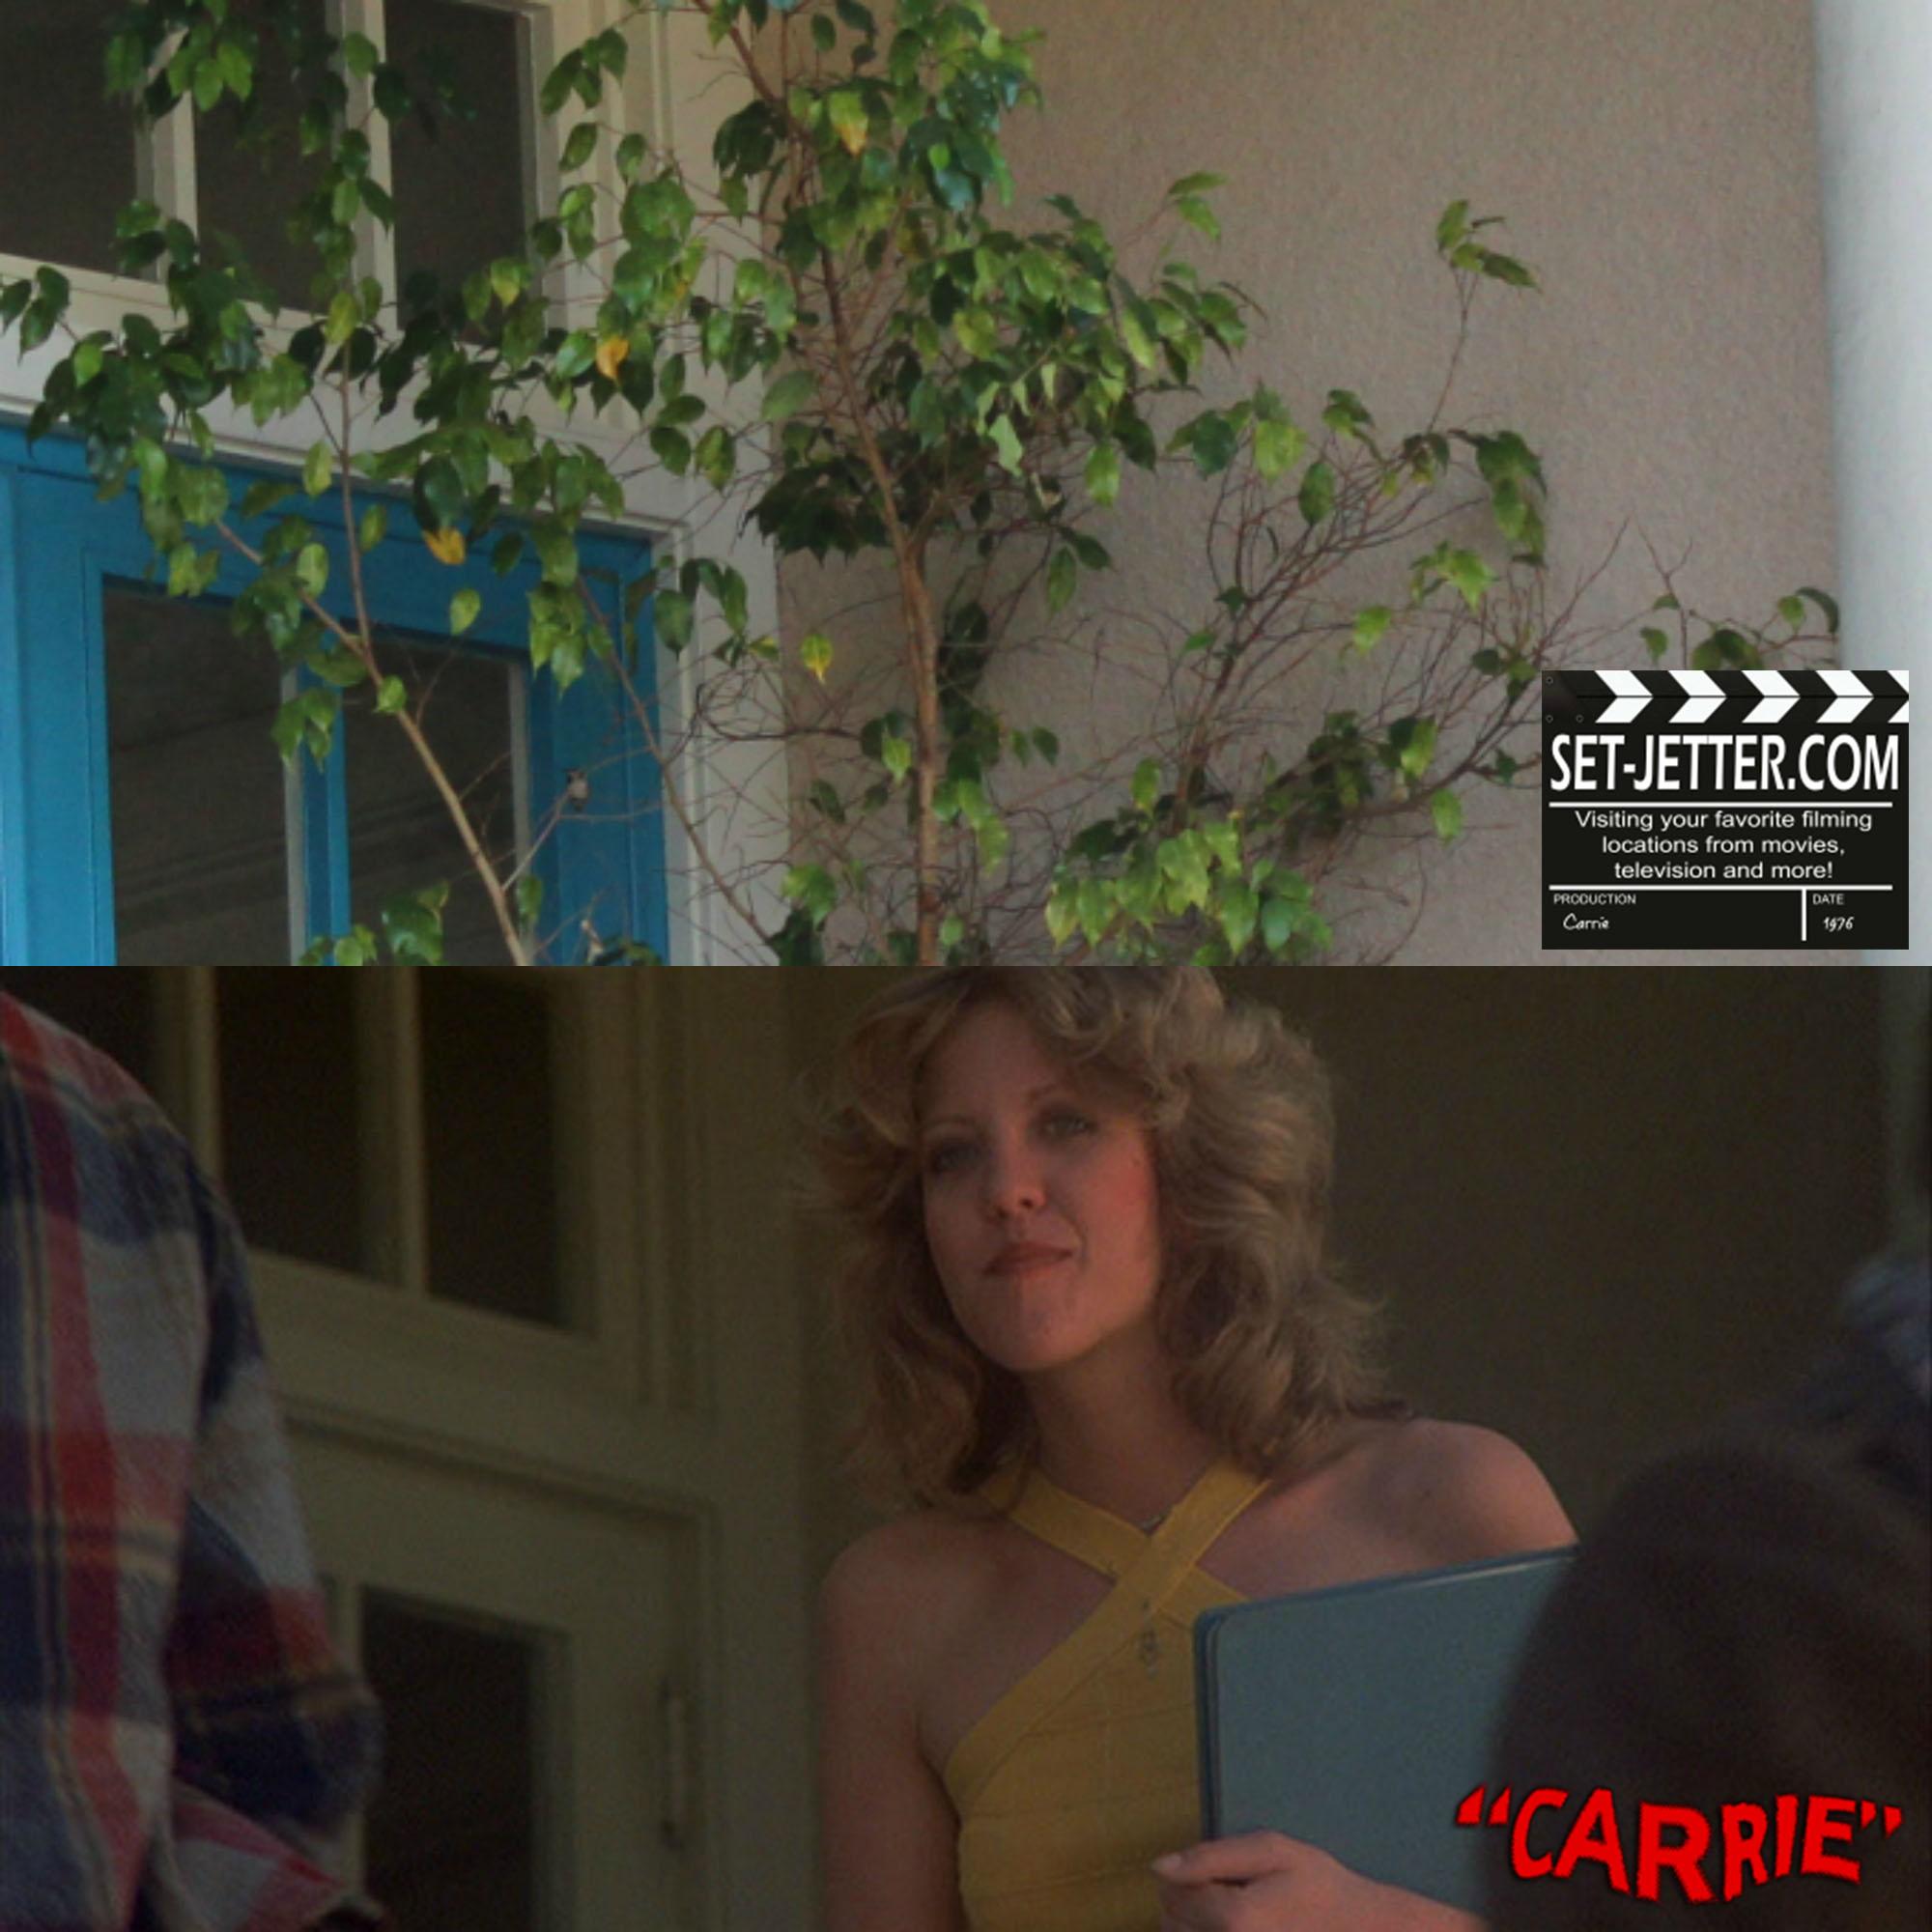 Carrie school 09.jpg